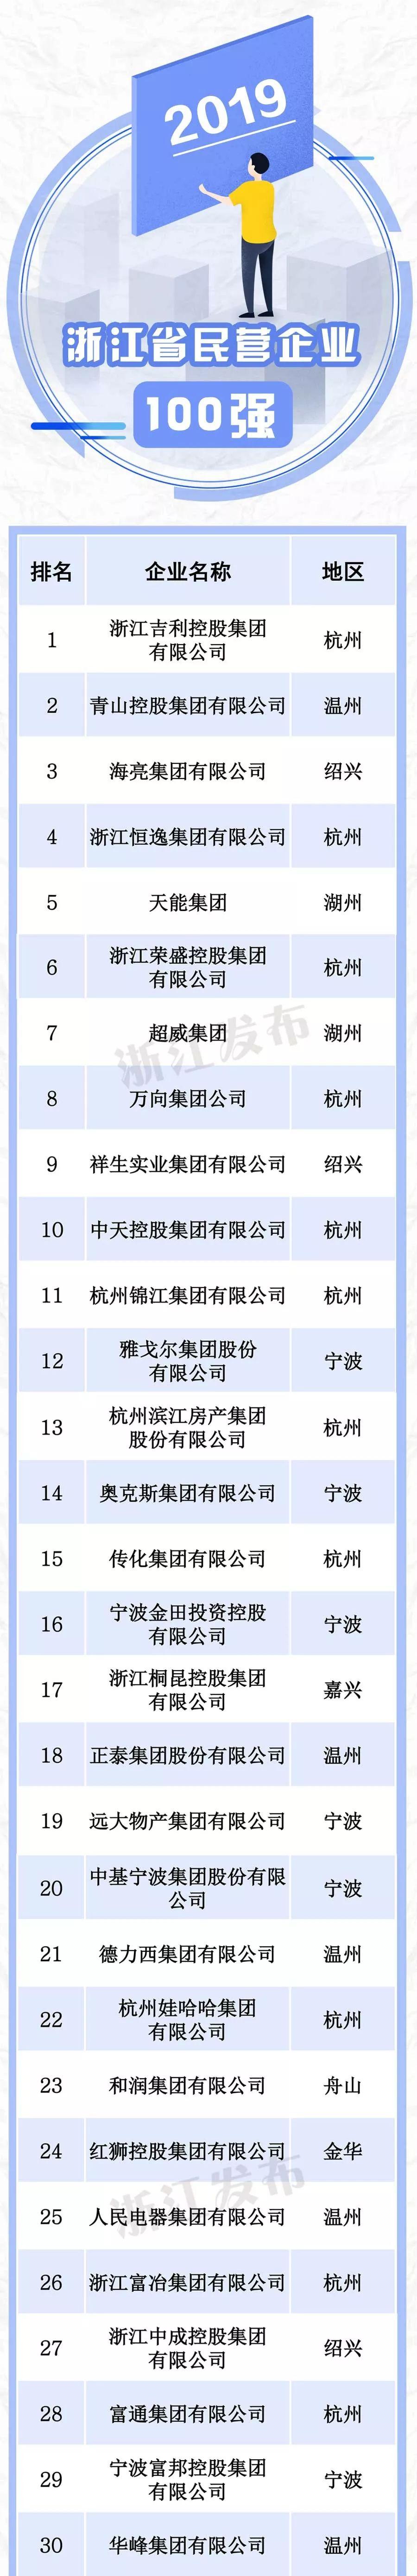 浙江民营企业百强榜出炉,乐清5家上榜(附榜单)